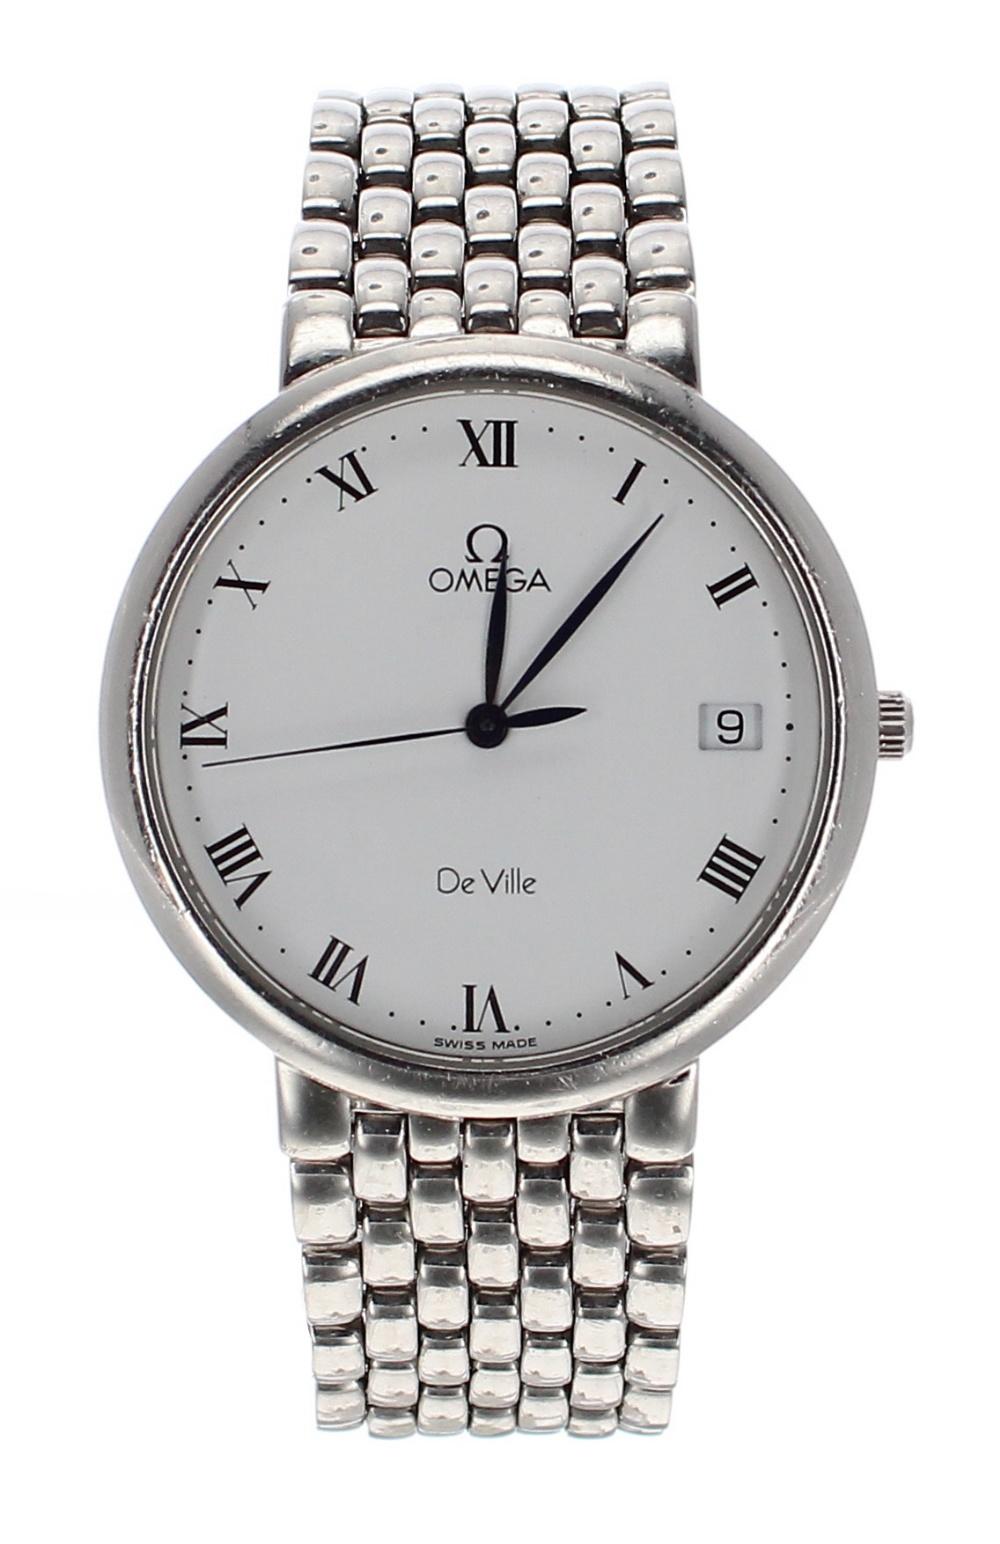 Lot 8 - Omega DeVille stainless steel gentleman's bracelet watch, ref. 396 2432, no. 5427xxxx, circa 1993,